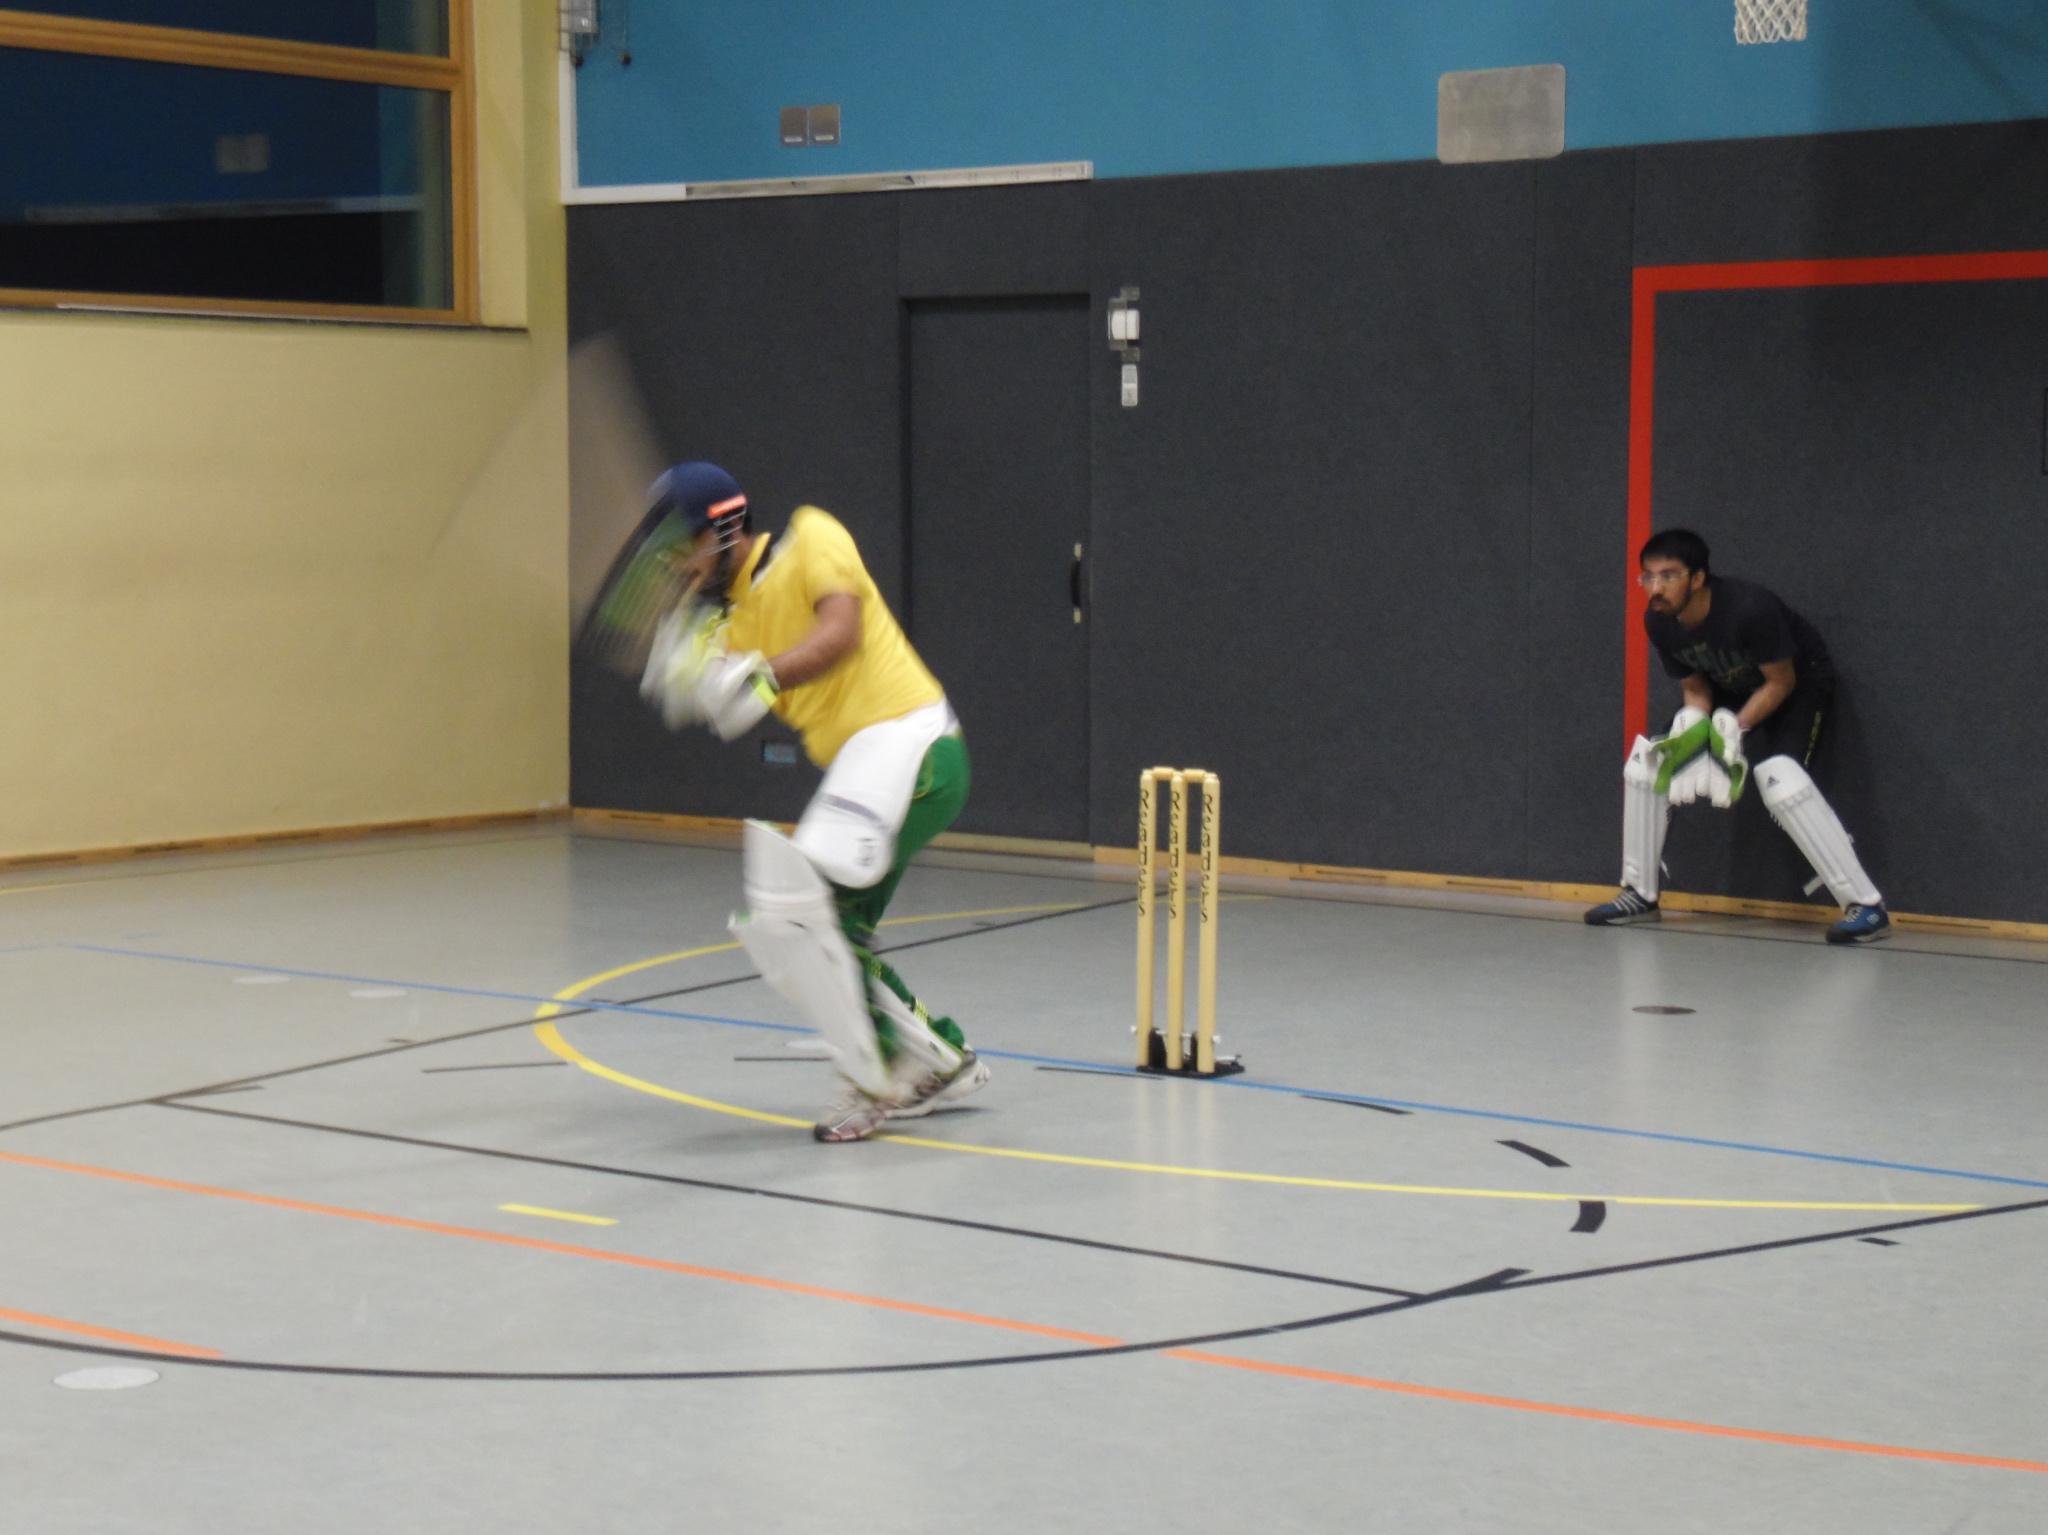 Cricket in der Turnhalle der Auenschule. Foto: Ronald Kraatz/ISB